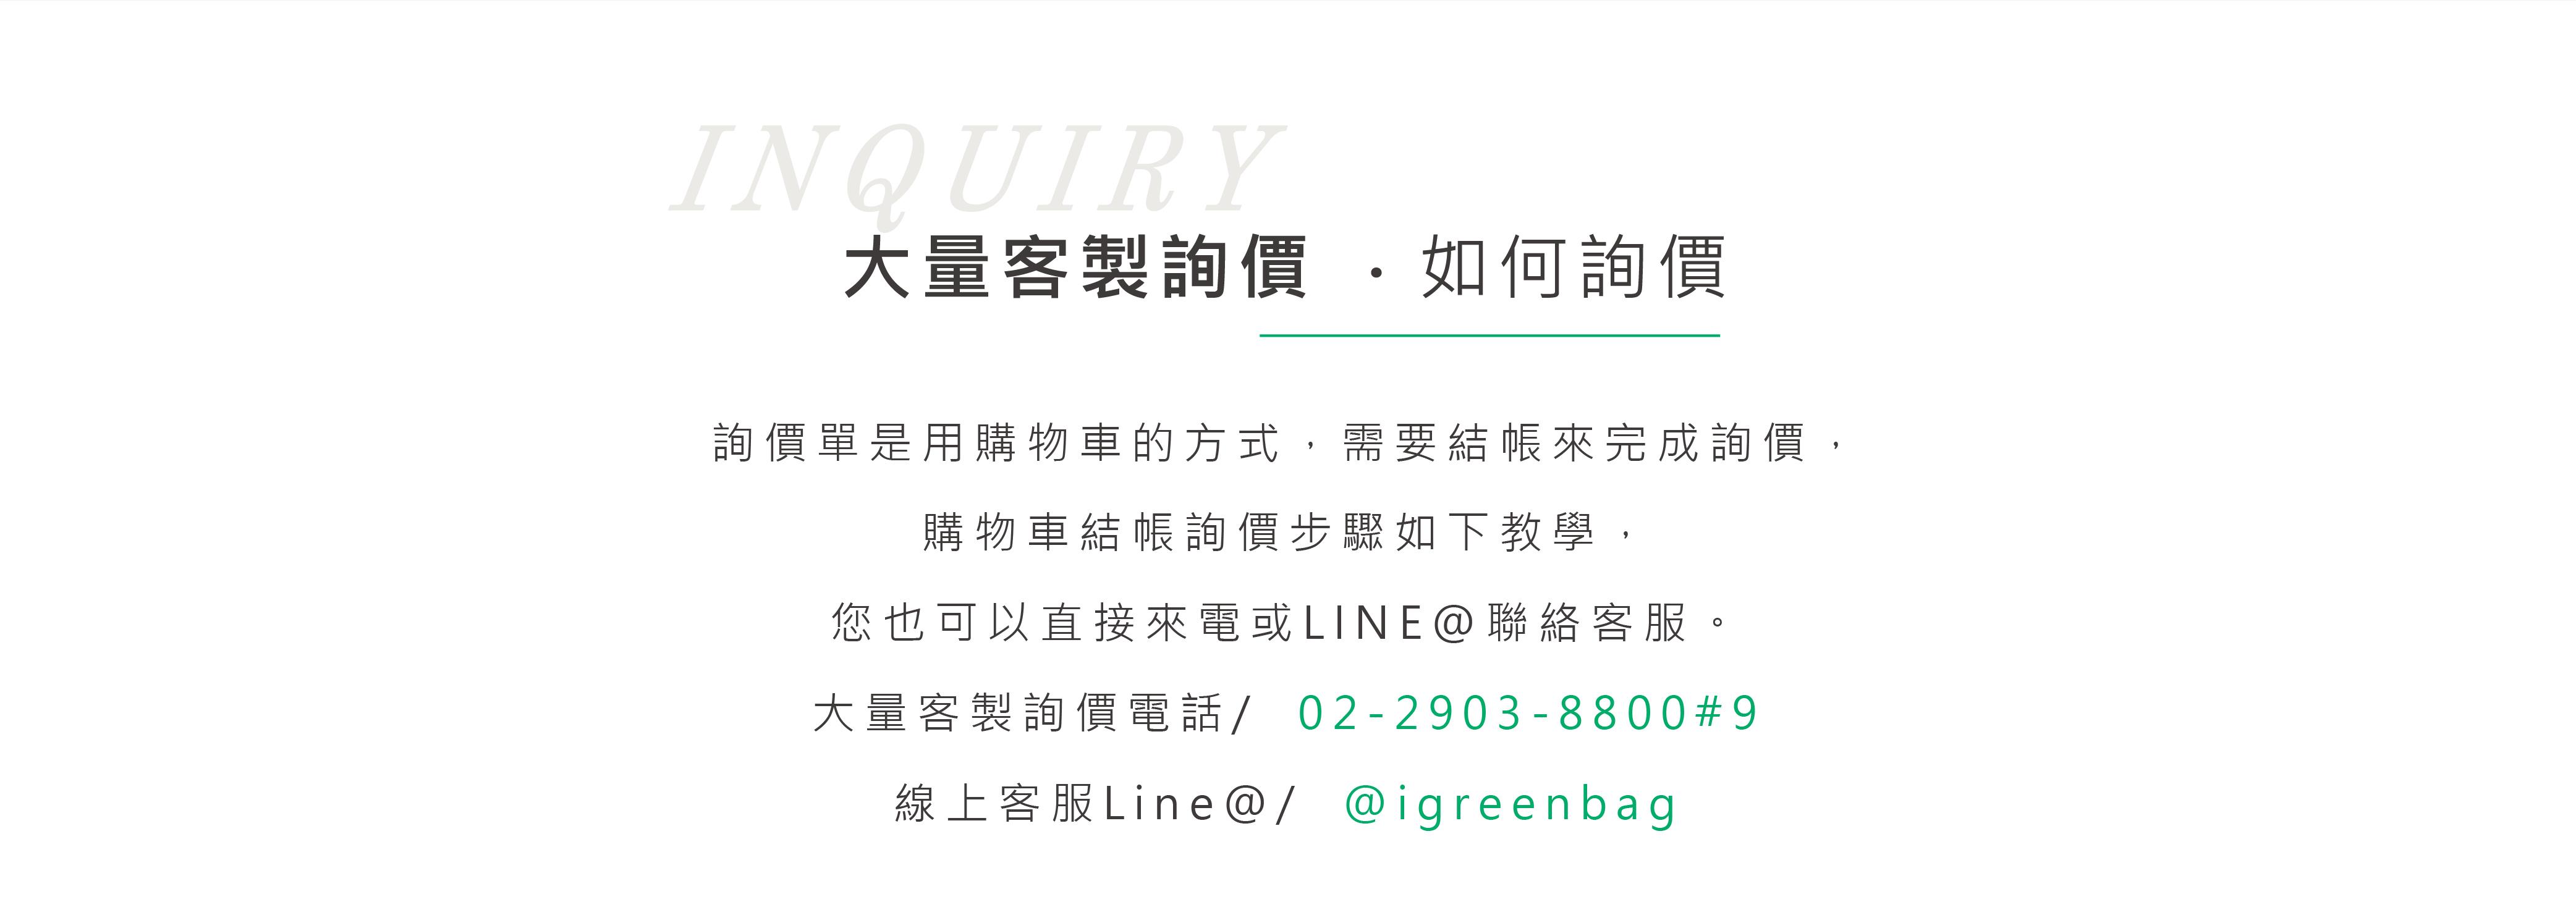 大量客製詢價-如何詢價 迪捷國際 igreenbag 大量訂製 環保袋 保溫袋 完全客製化